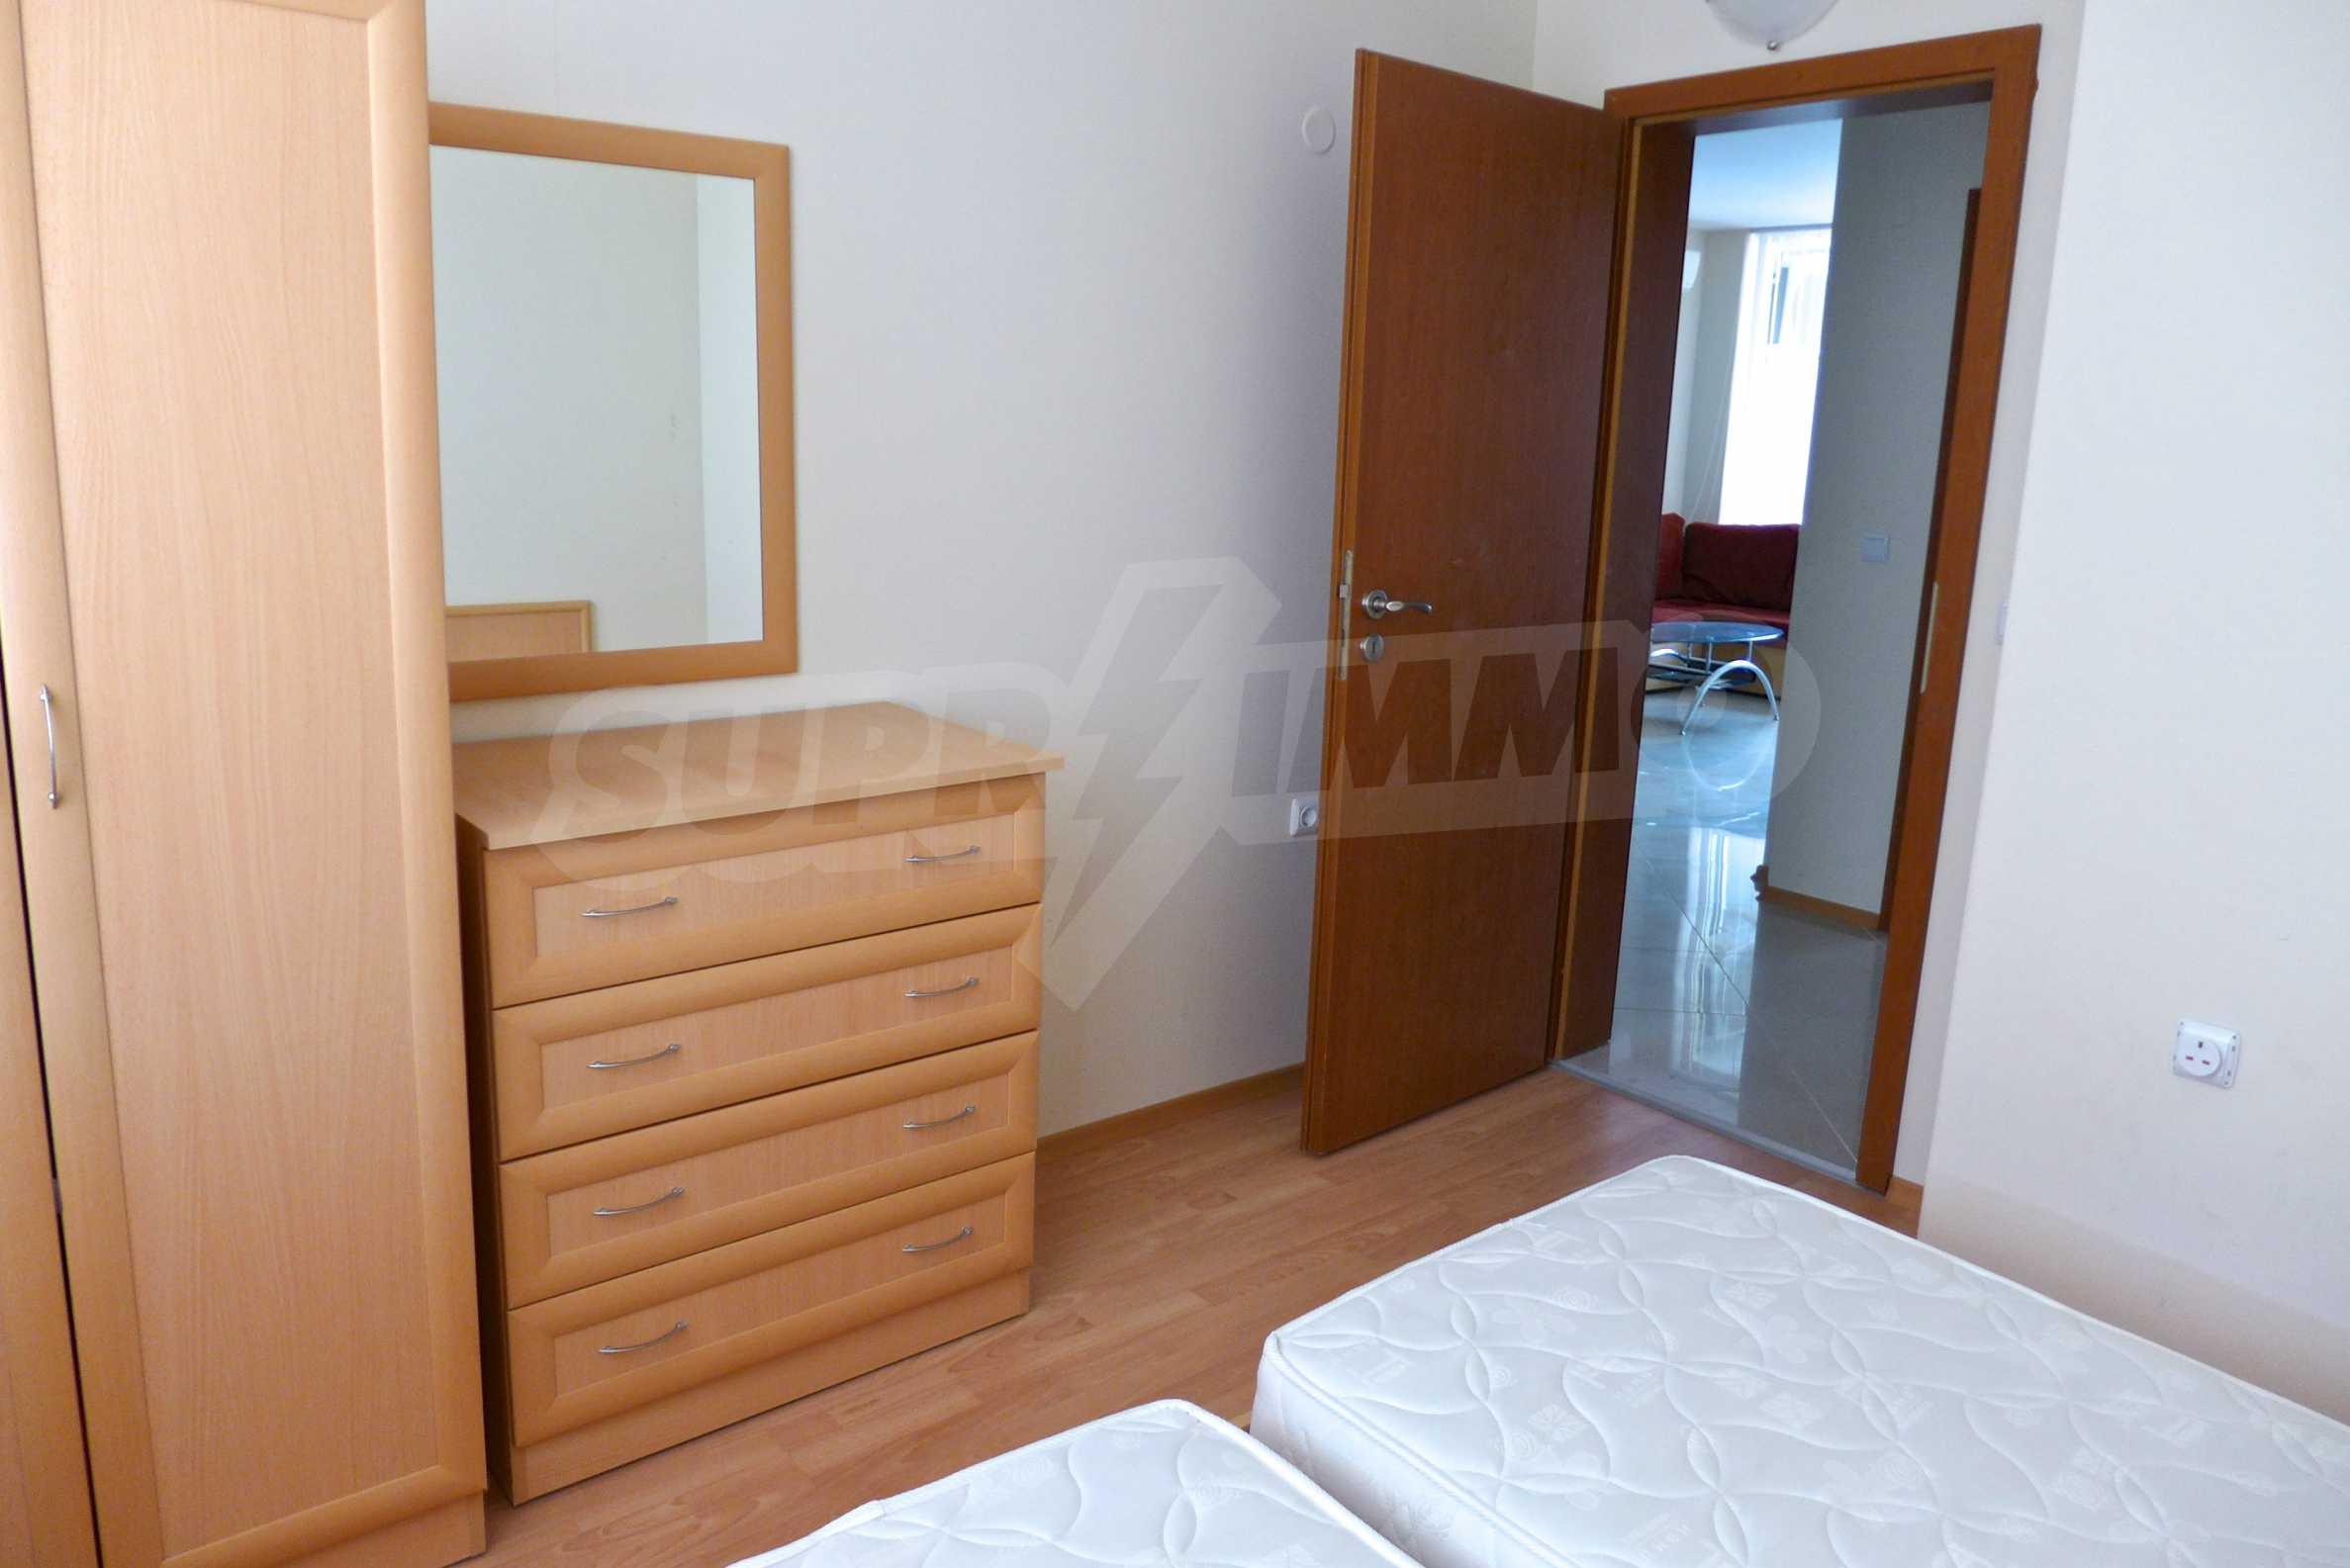 """Geräumige Wohnung mit zwei Schlafzimmern in der geschlossenen Anlage """"Sunset Beach 2"""" 8"""